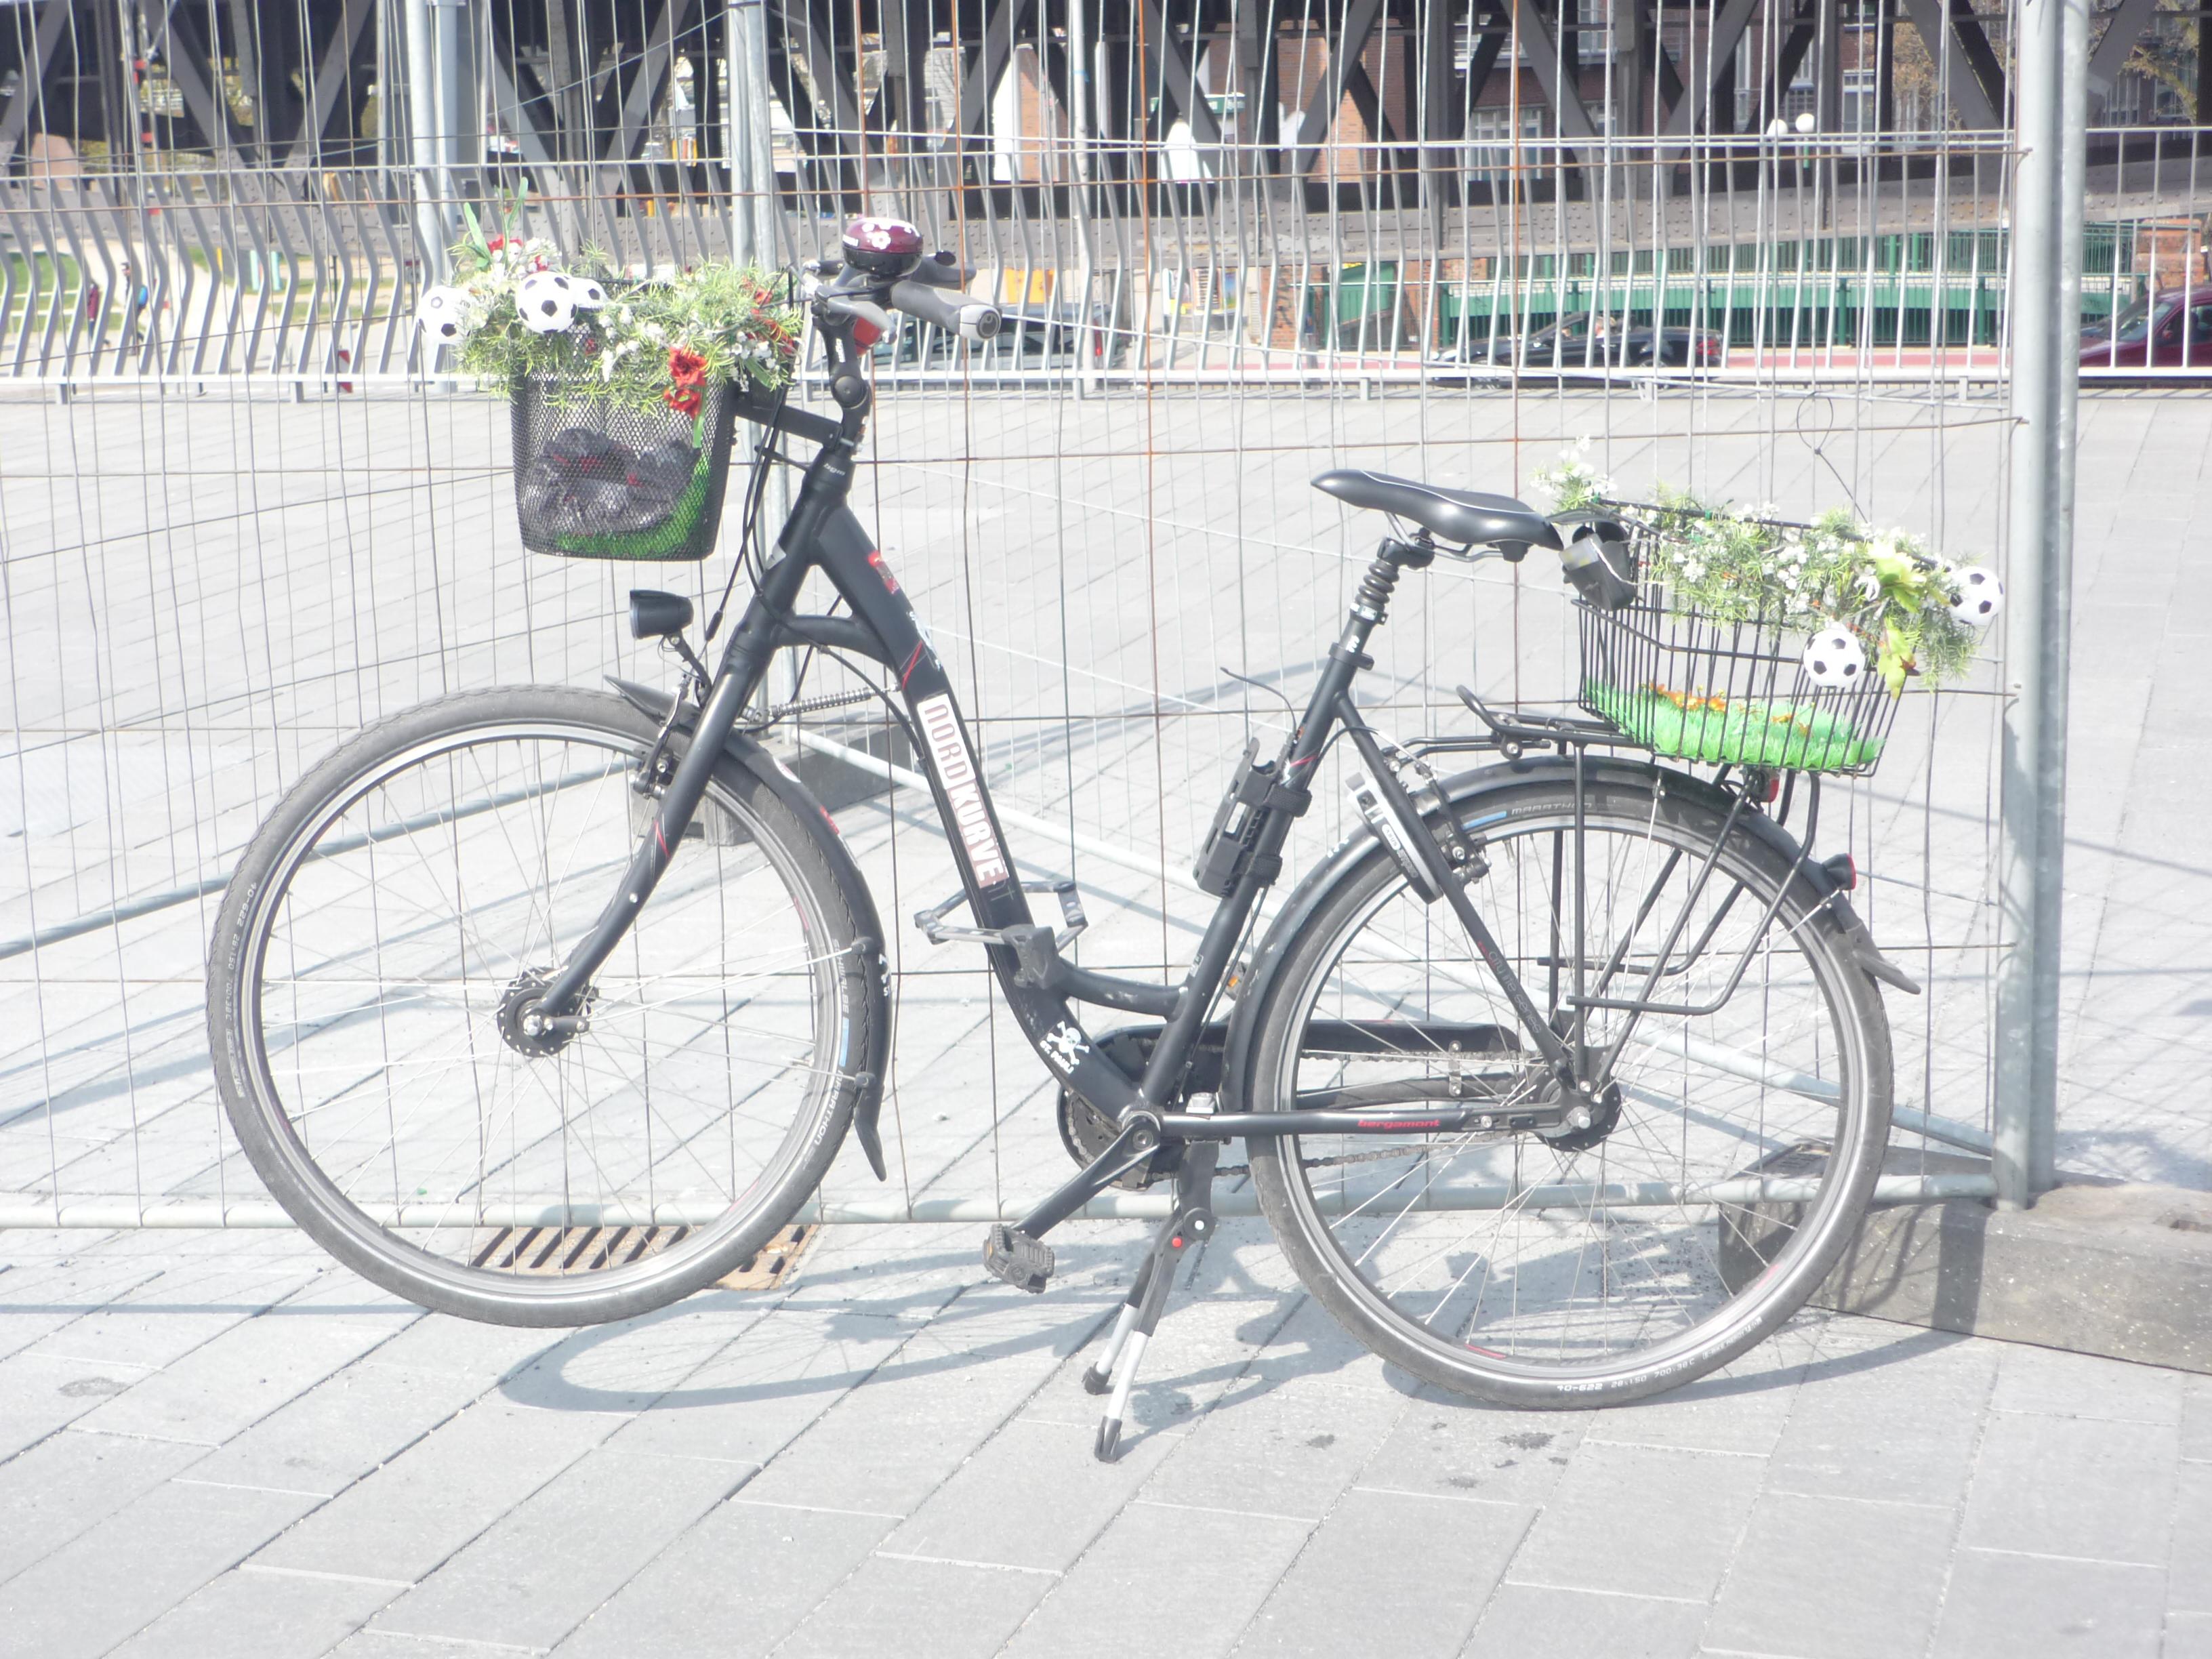 Fahrrad im Hafen - Mathilde Magazin